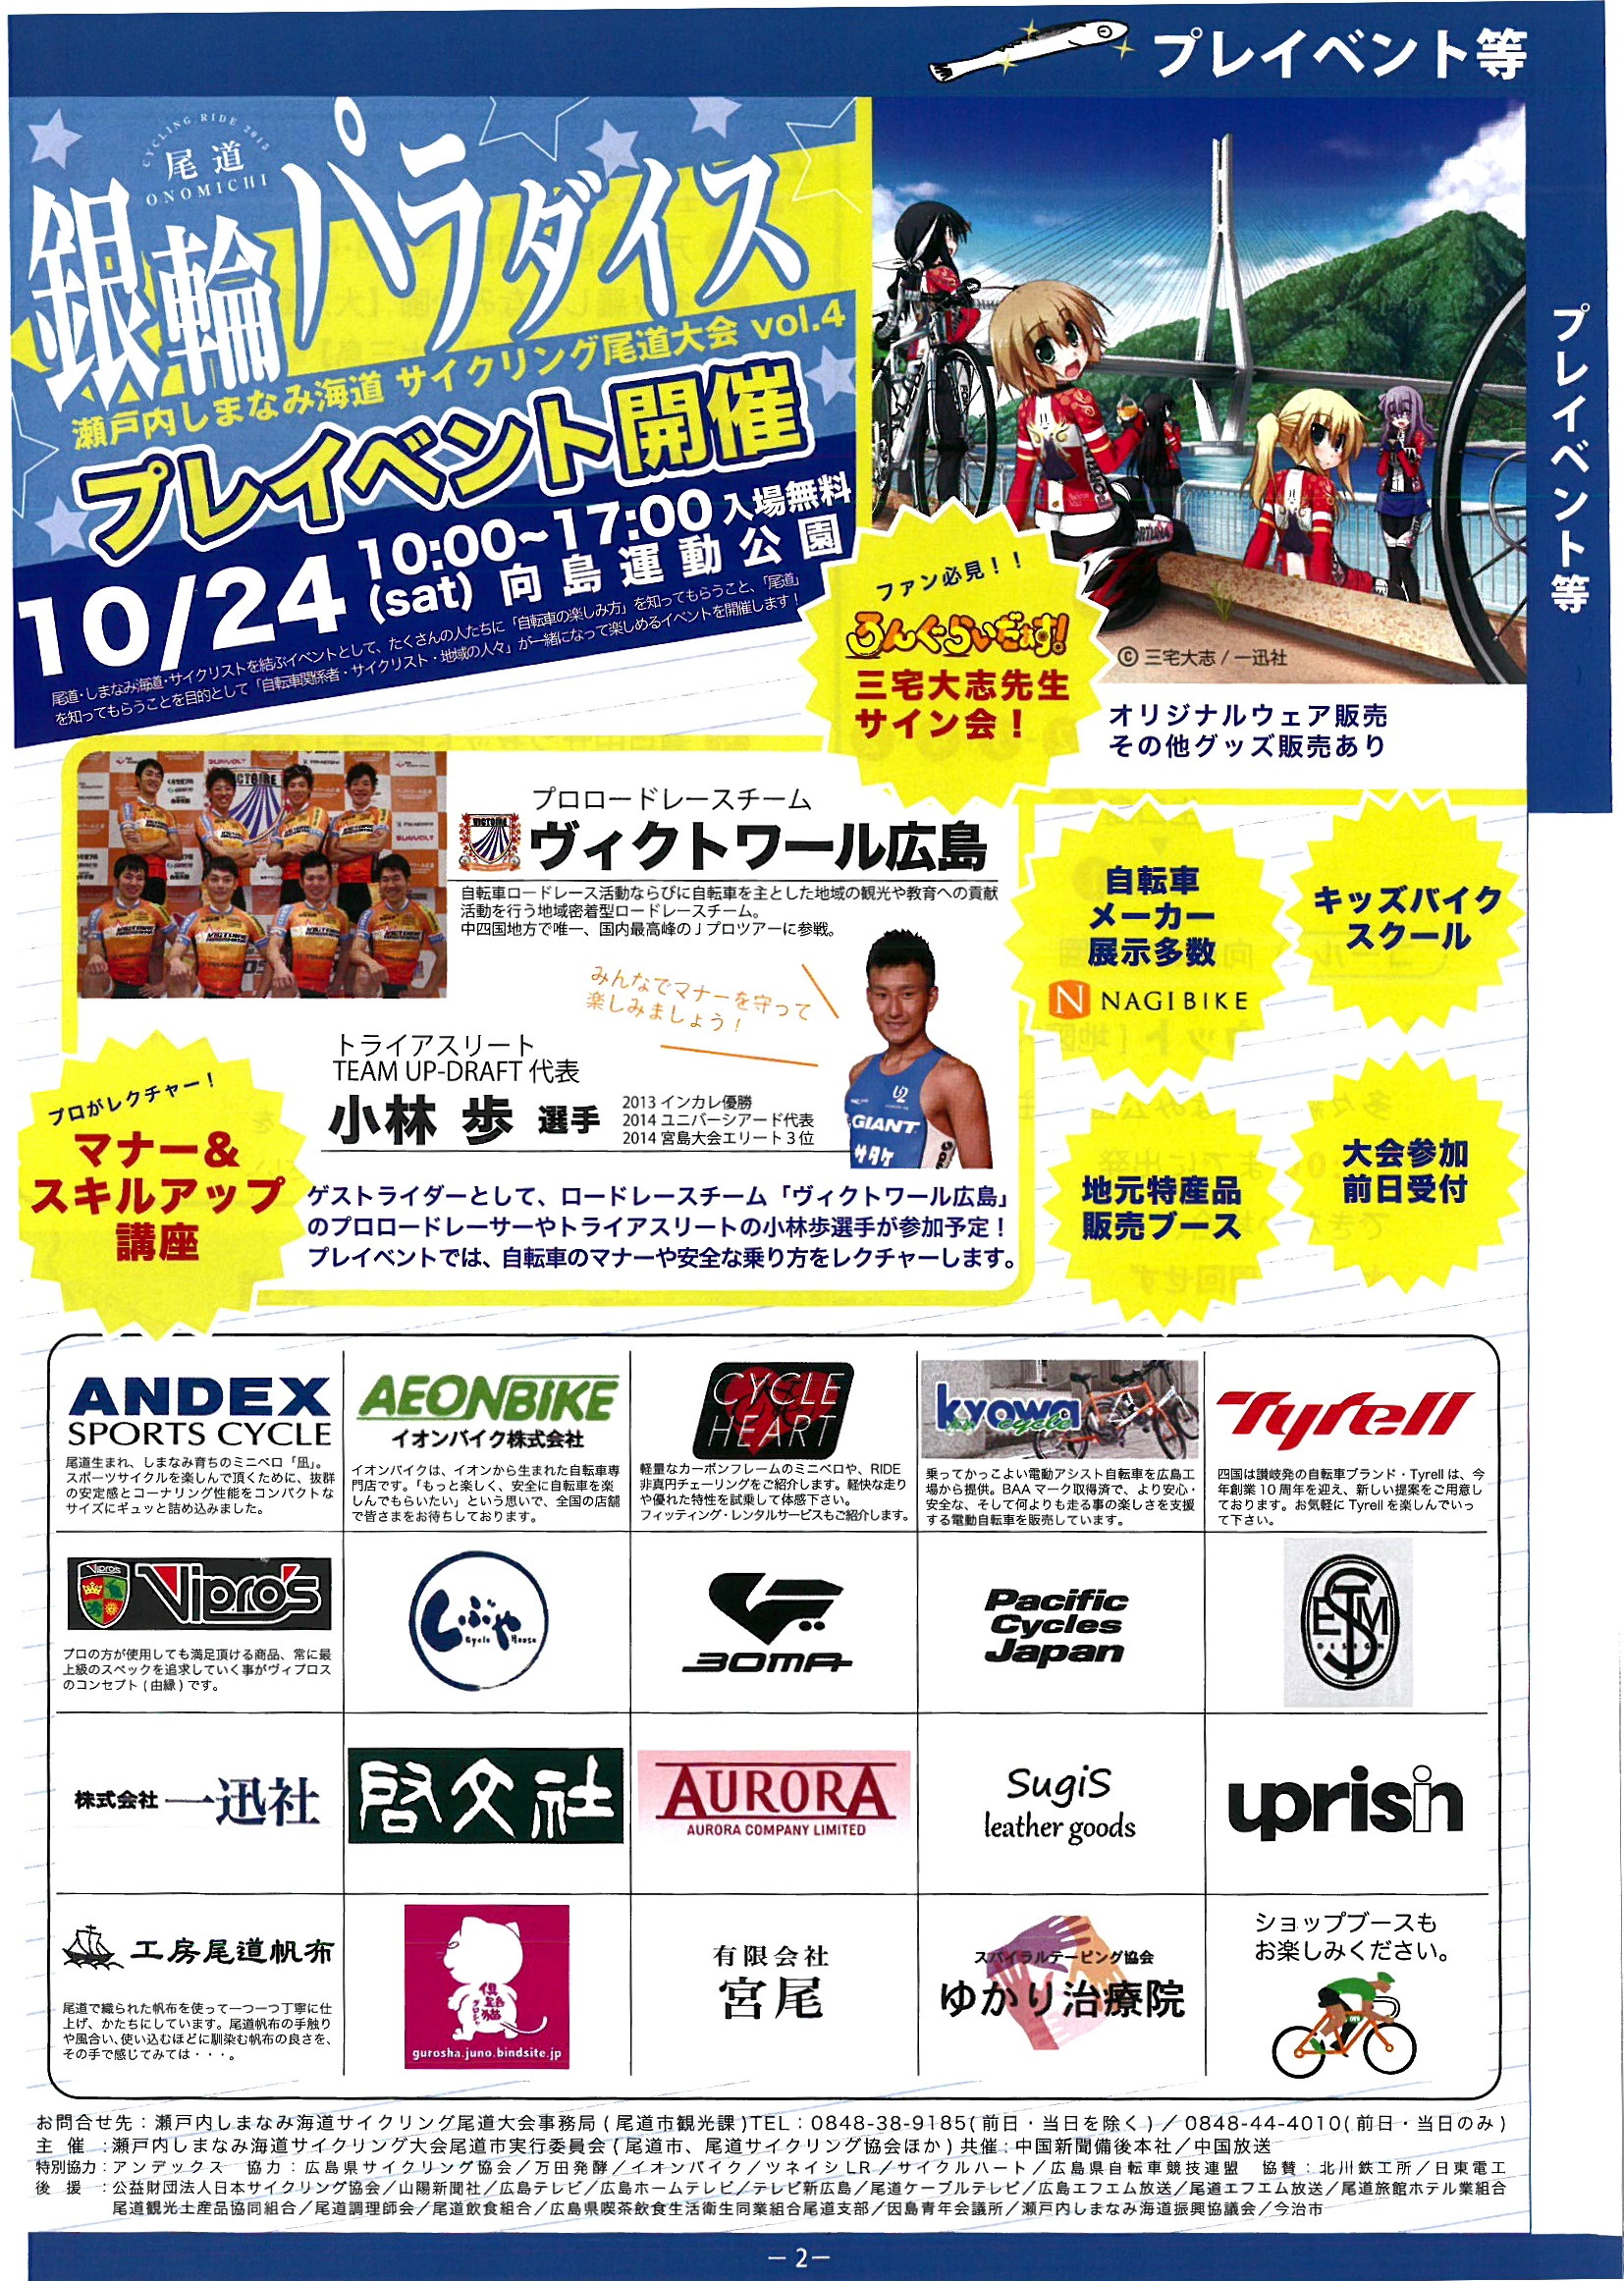 「銀パラ2015」参加者ガイドブック 02